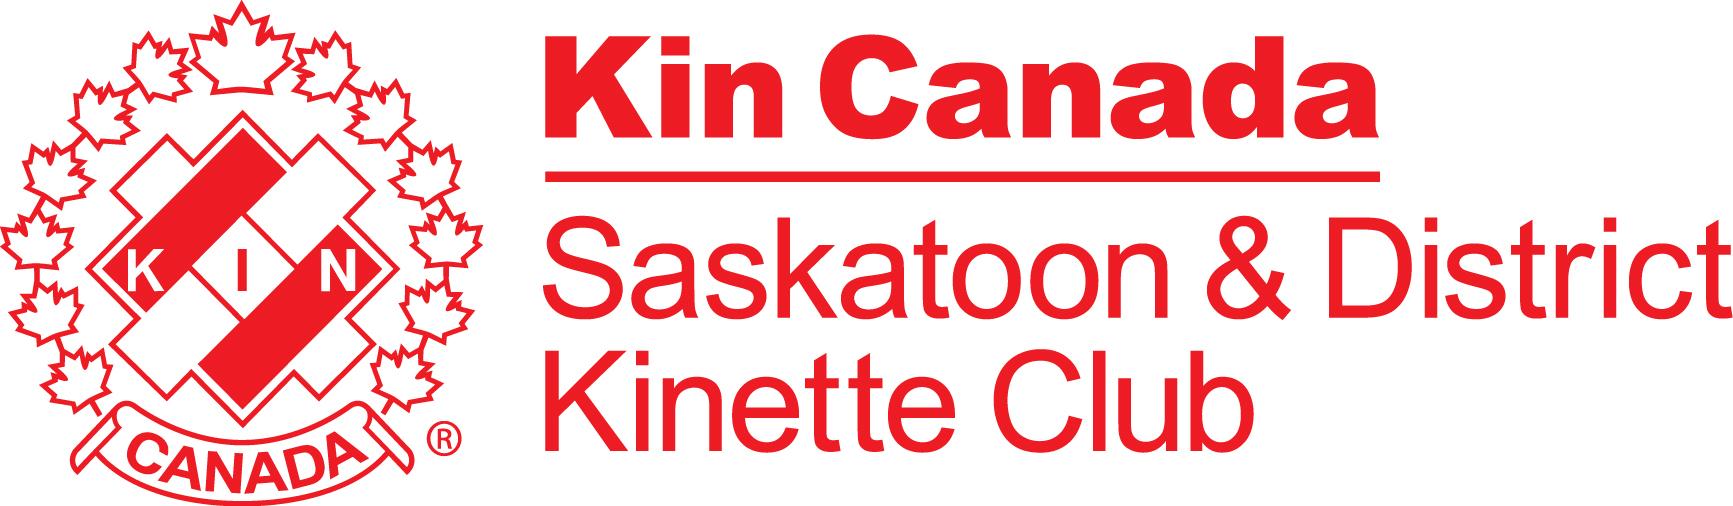 Saskatoon & District Kinette Club